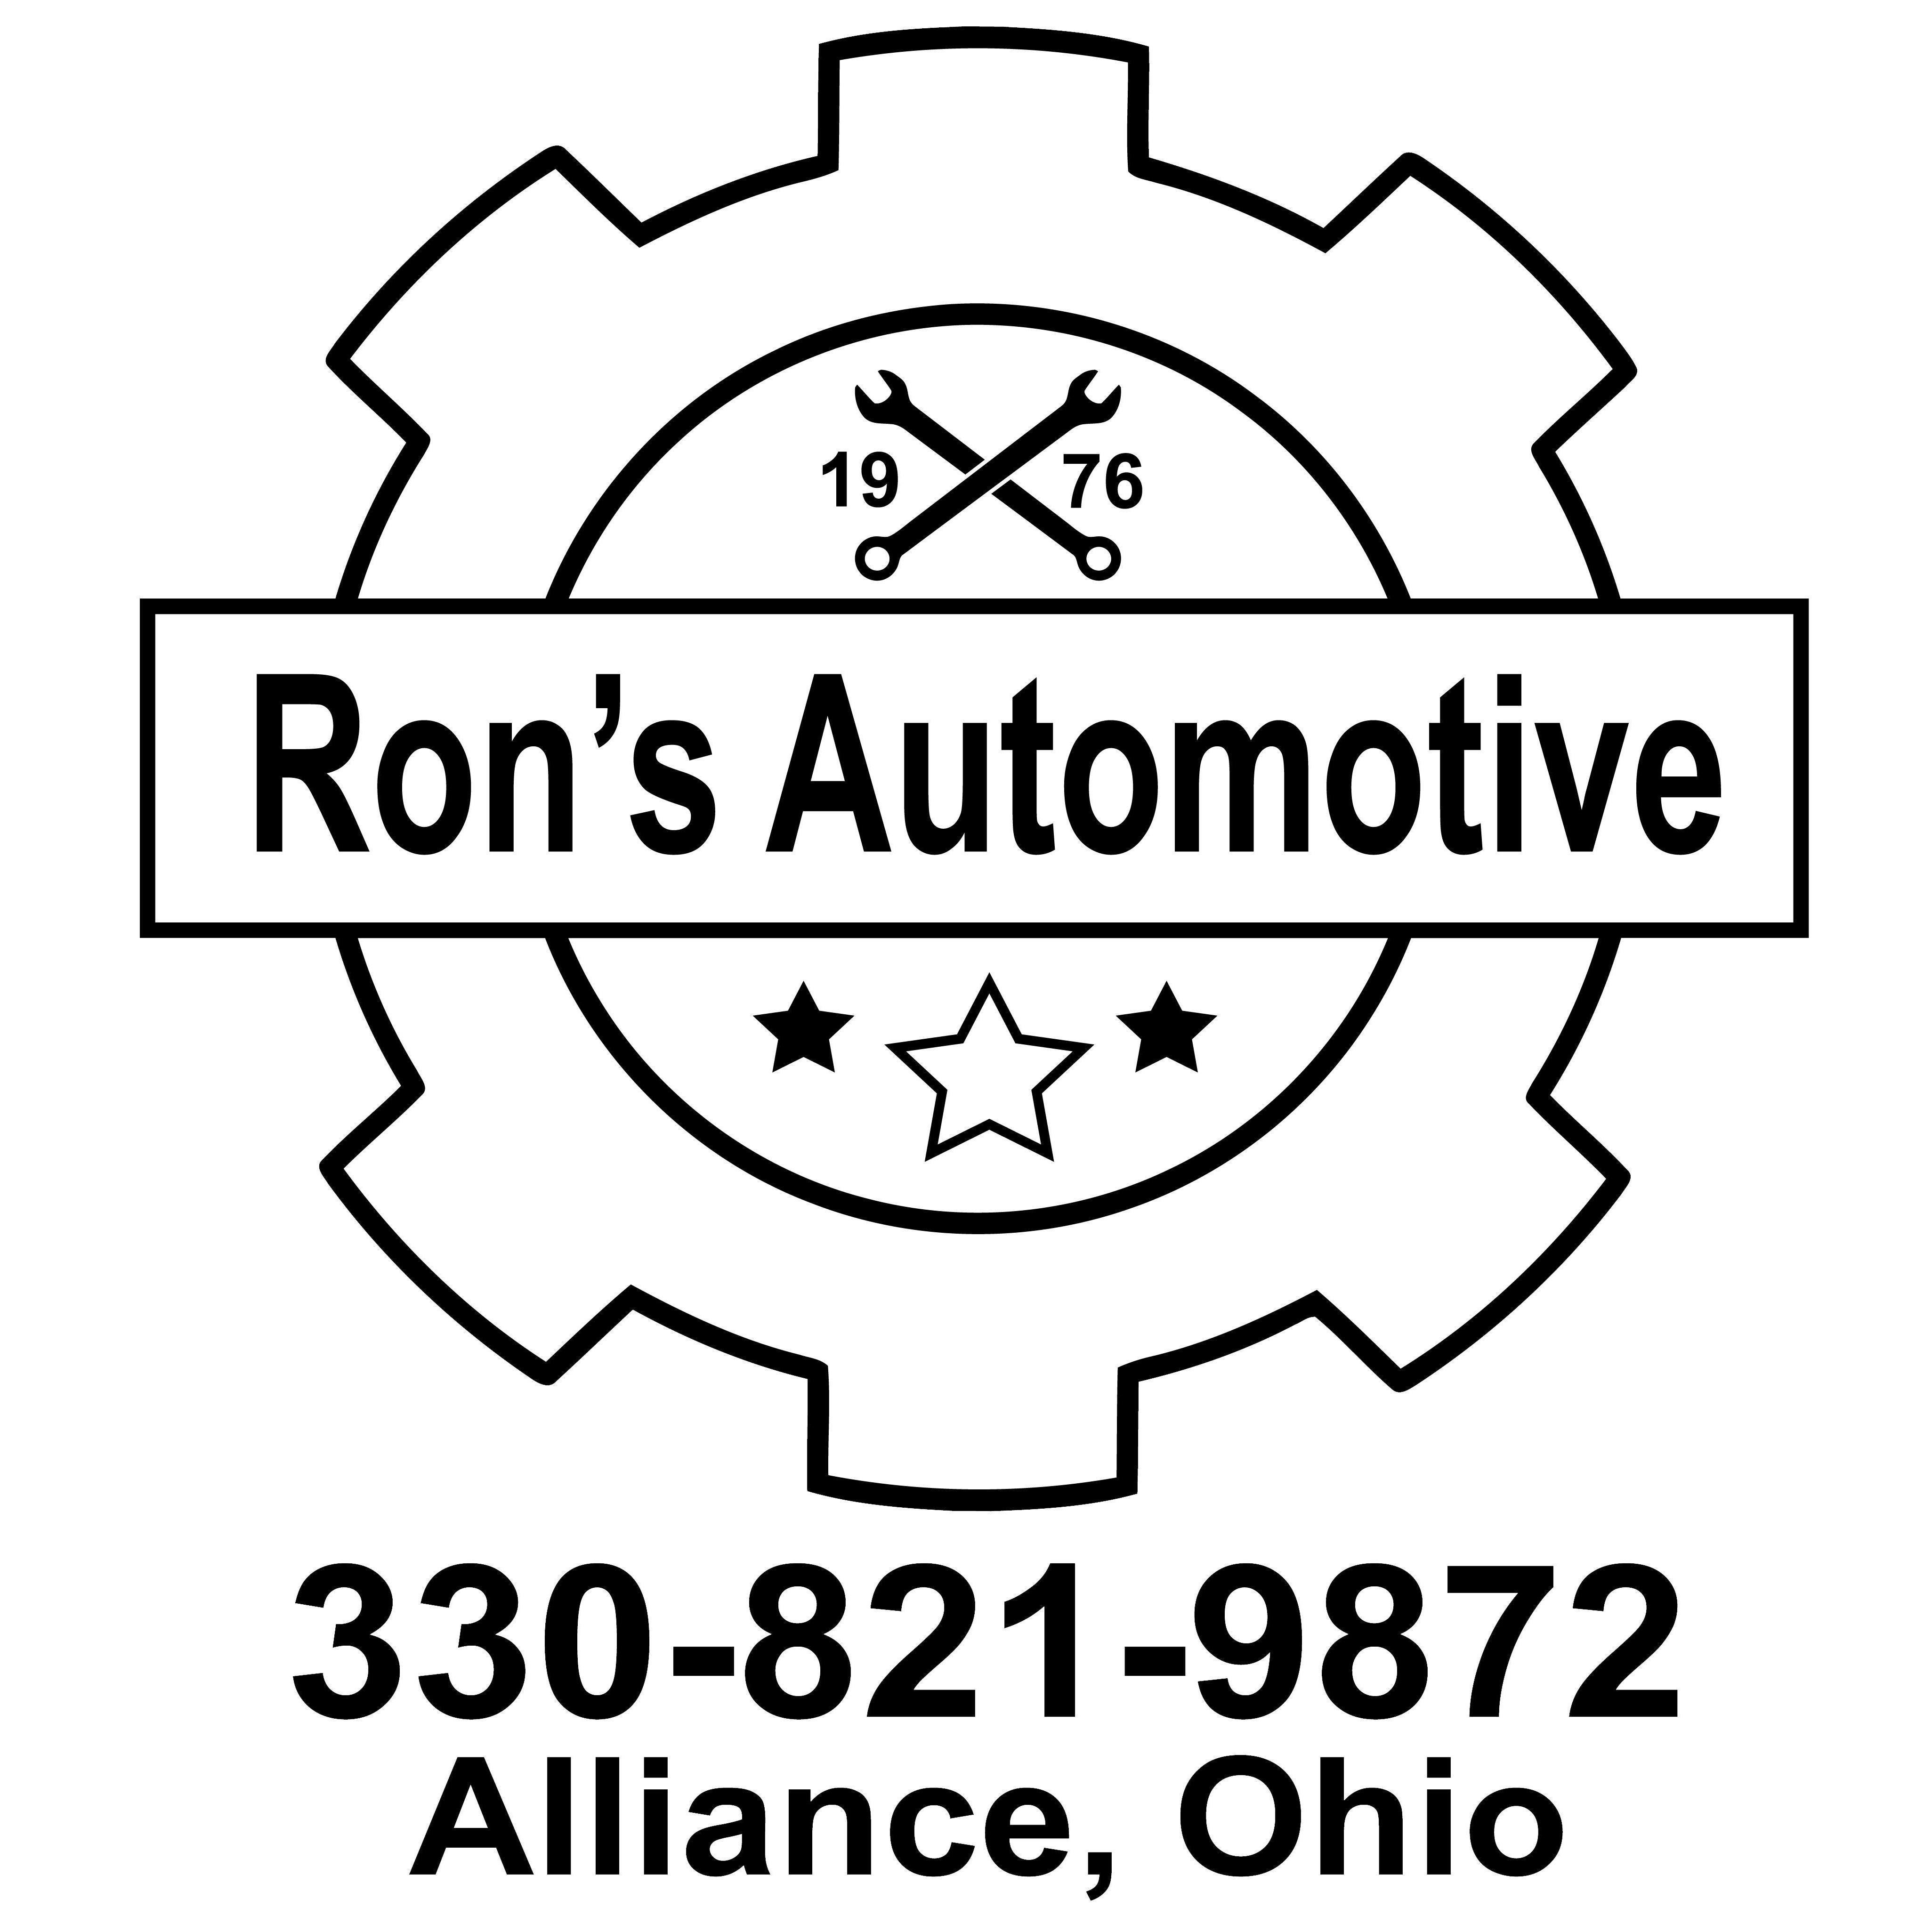 Ron's Automotive Services